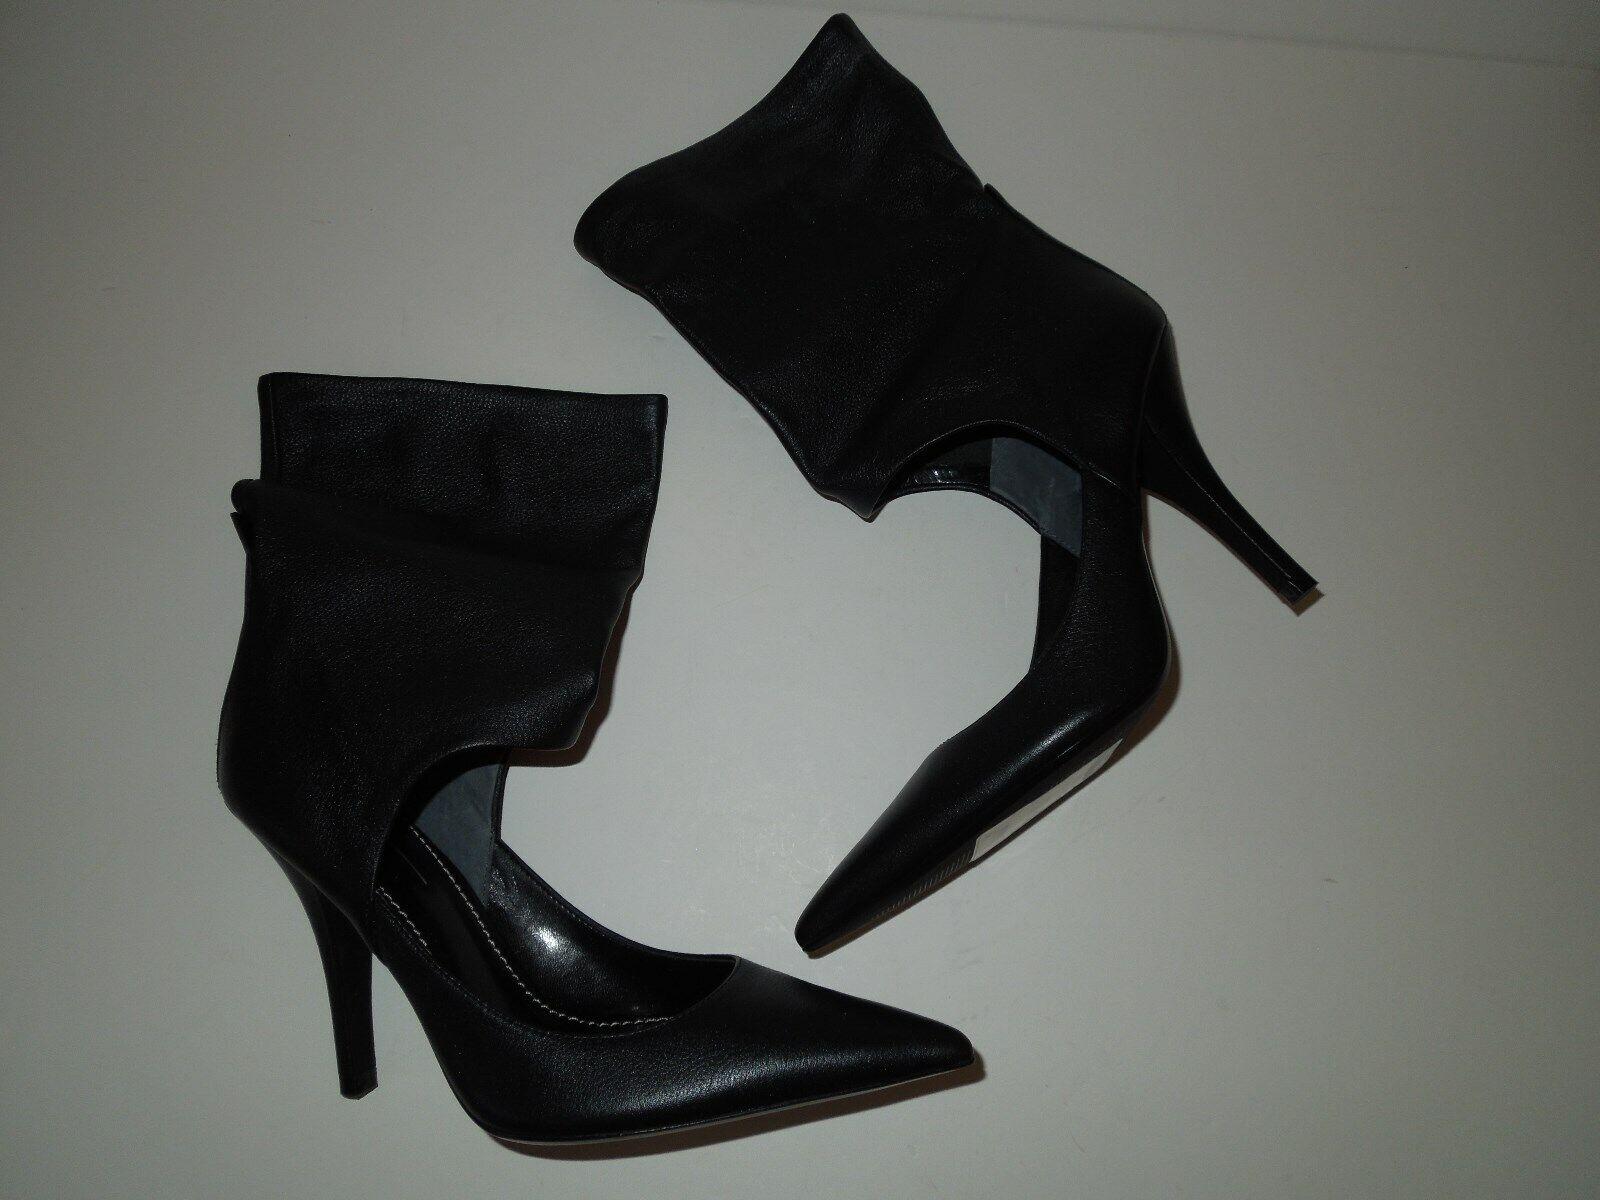 Neuf avec étiquettes sexy Paolo Paolo Paolo Noir ajourées en Cuir Talon Aiguille Chaussures W démarrage chevilles 7.5 m 5ba27d